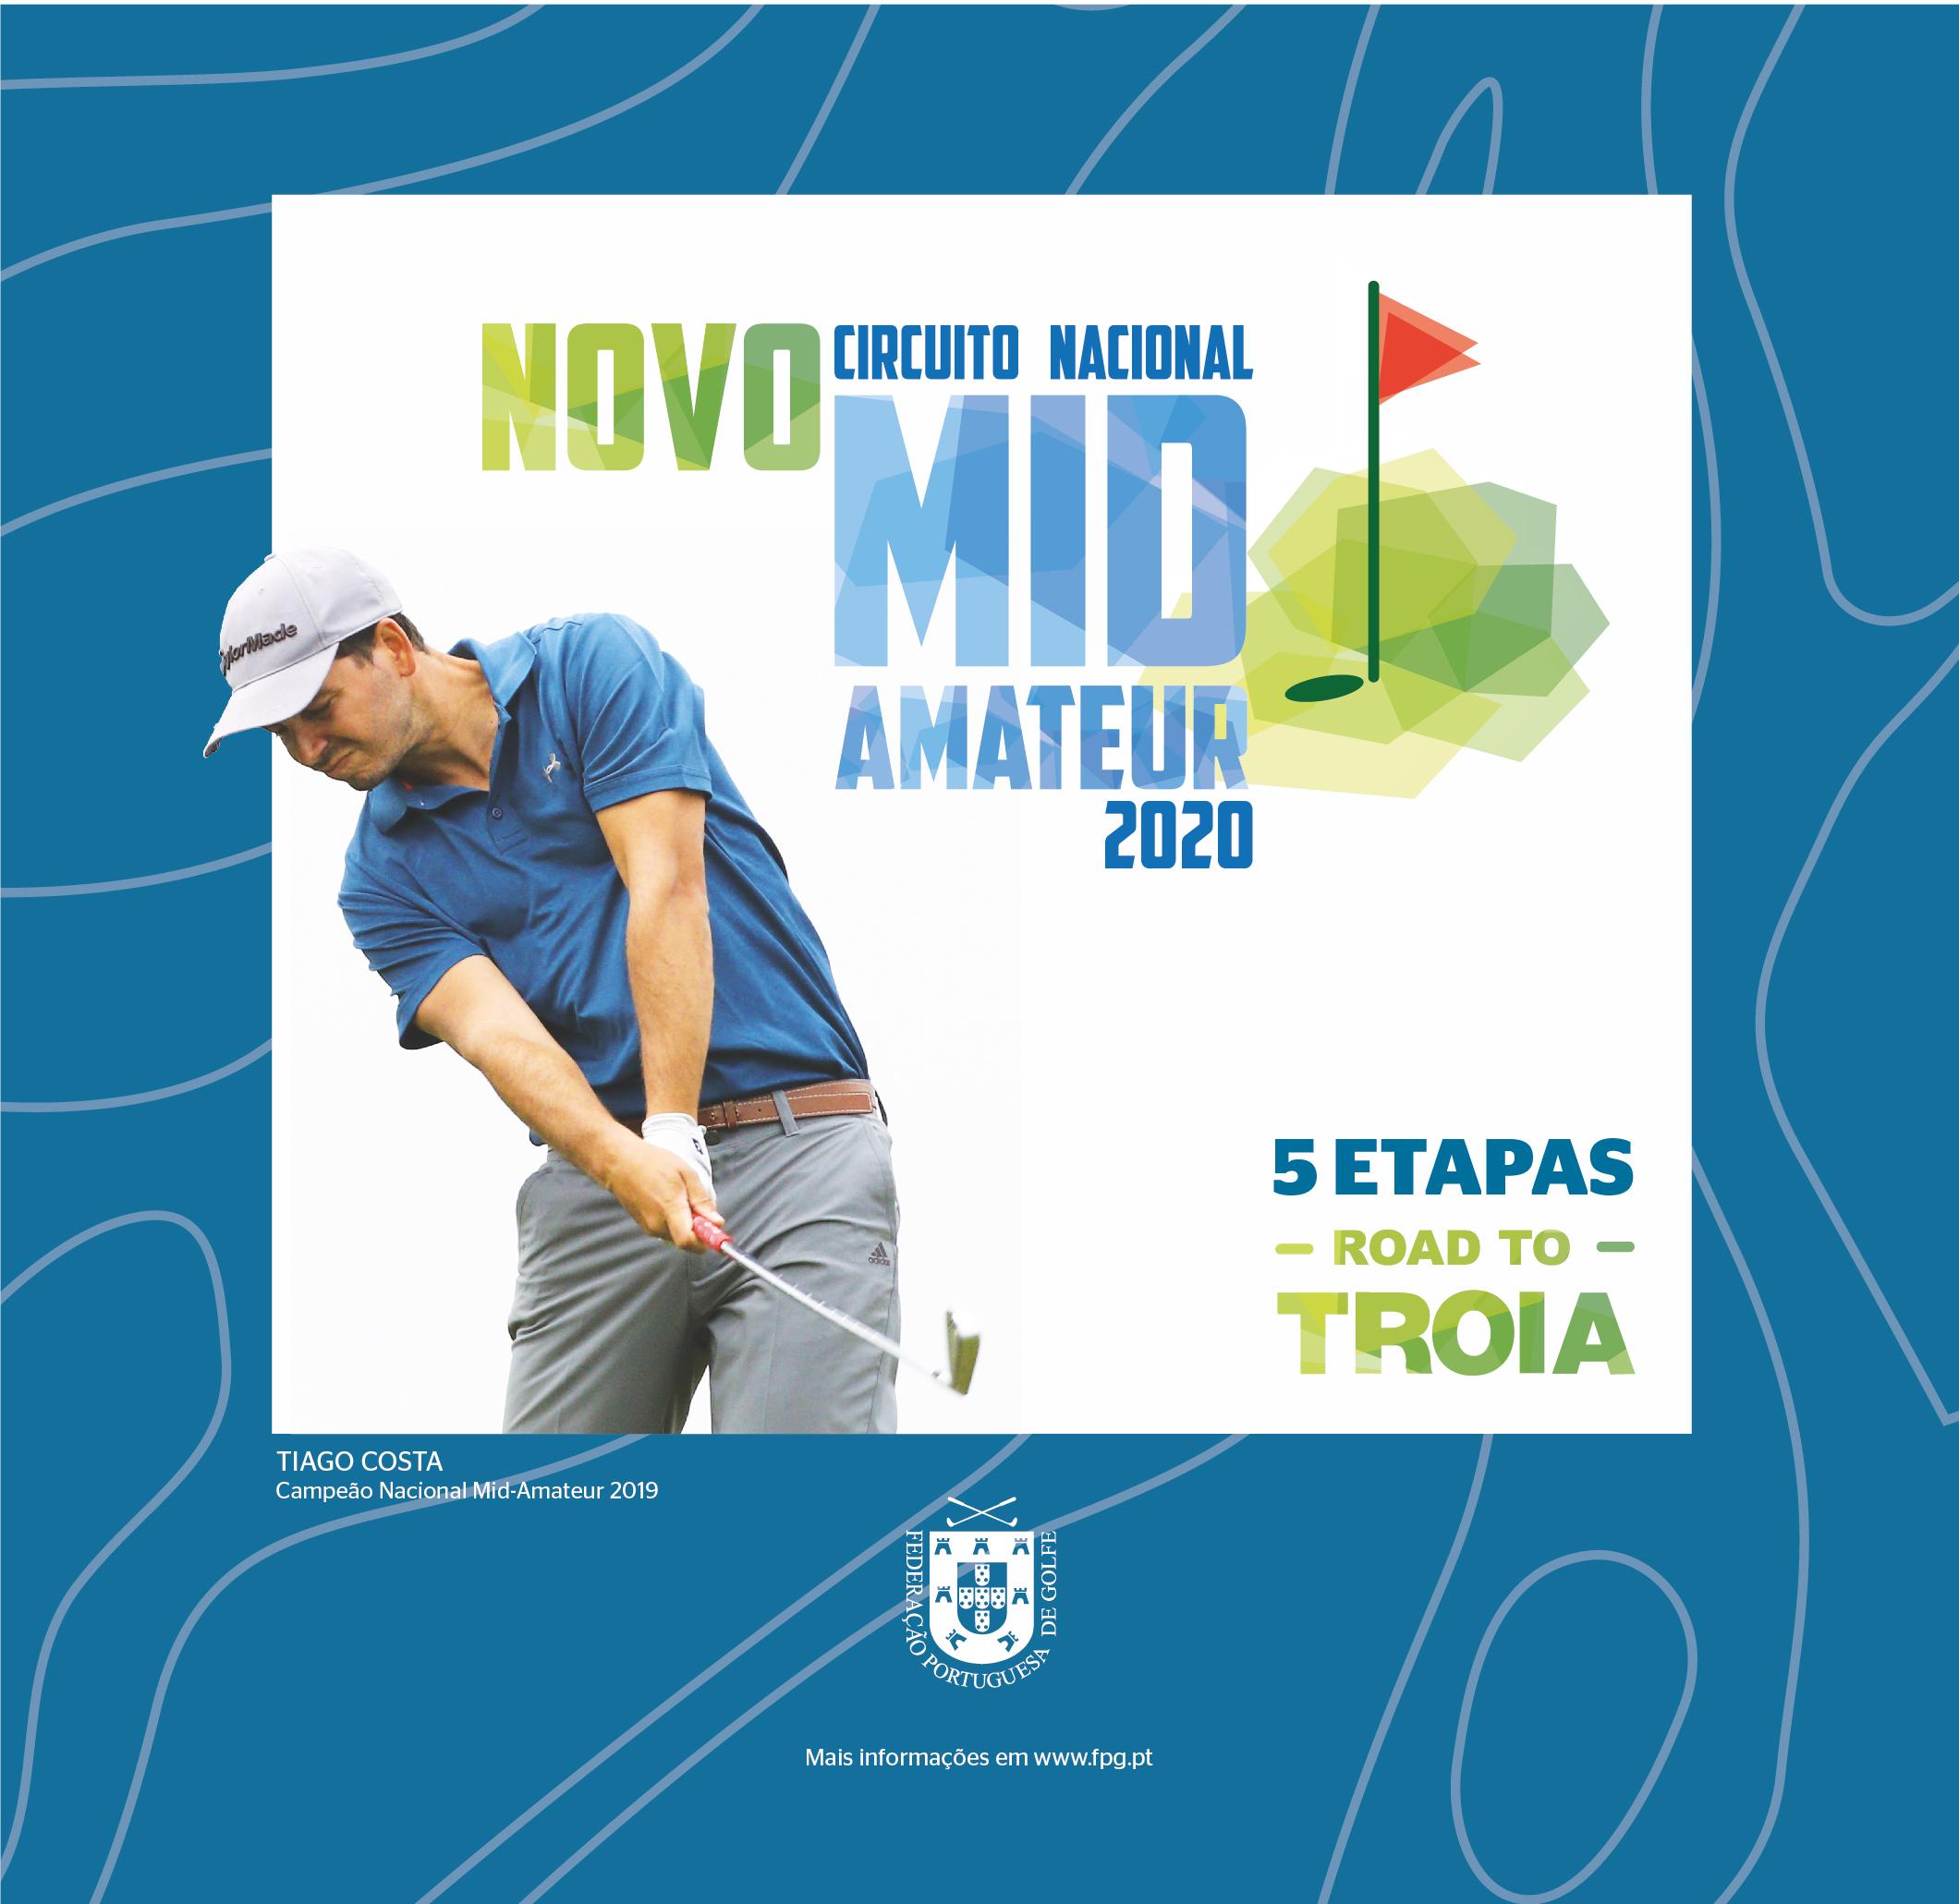 Federação Portuguesa de Golfe lança novo Circuito Nacional Mid-Amateur